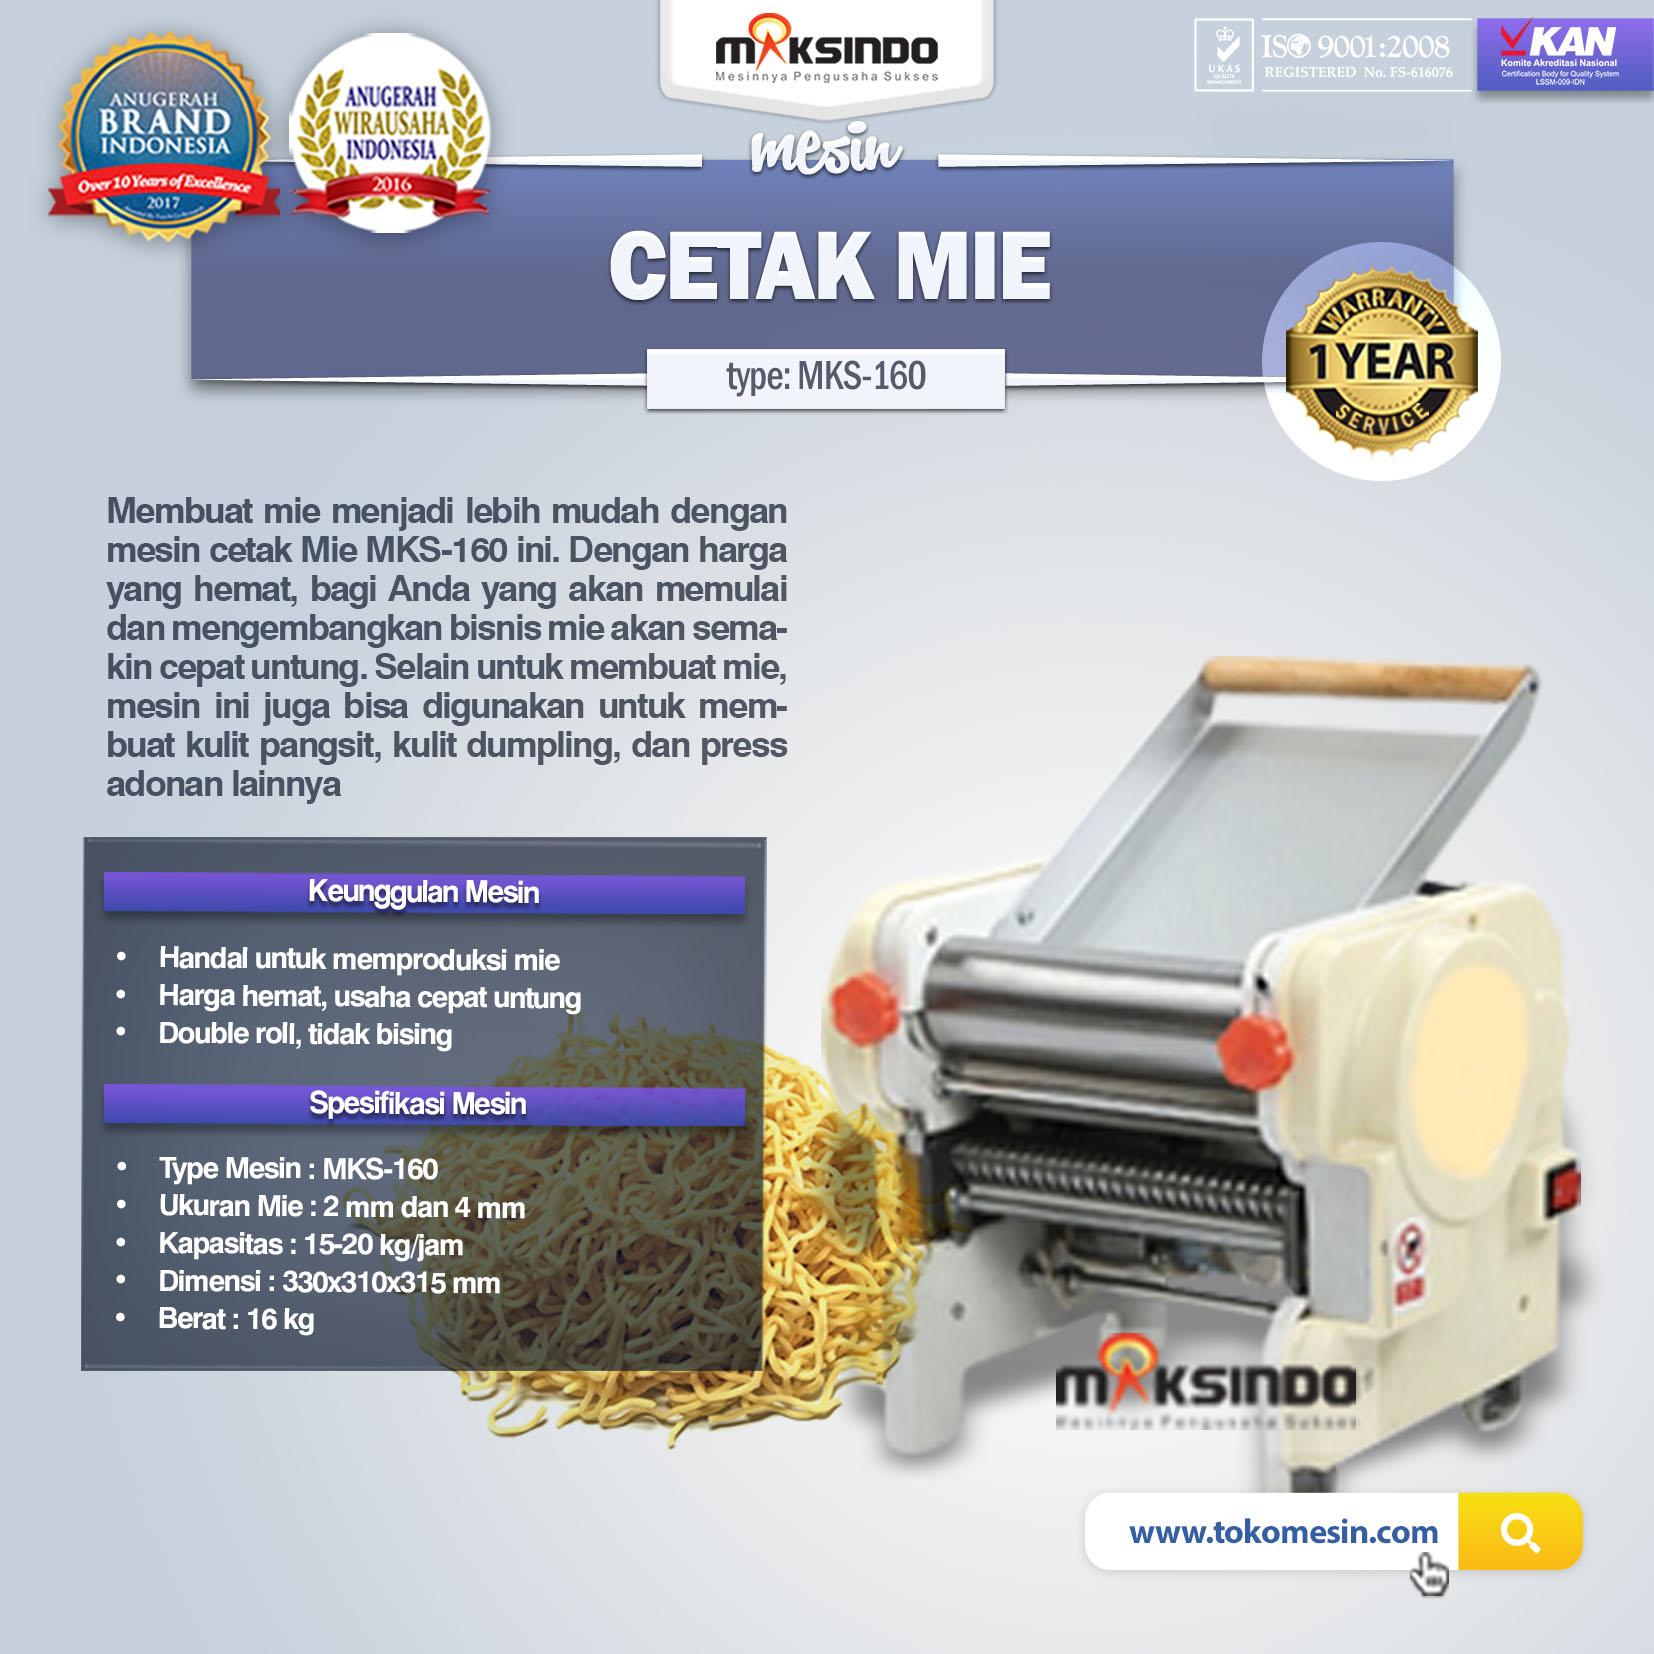 Mesin Cetak Mie MKS-160